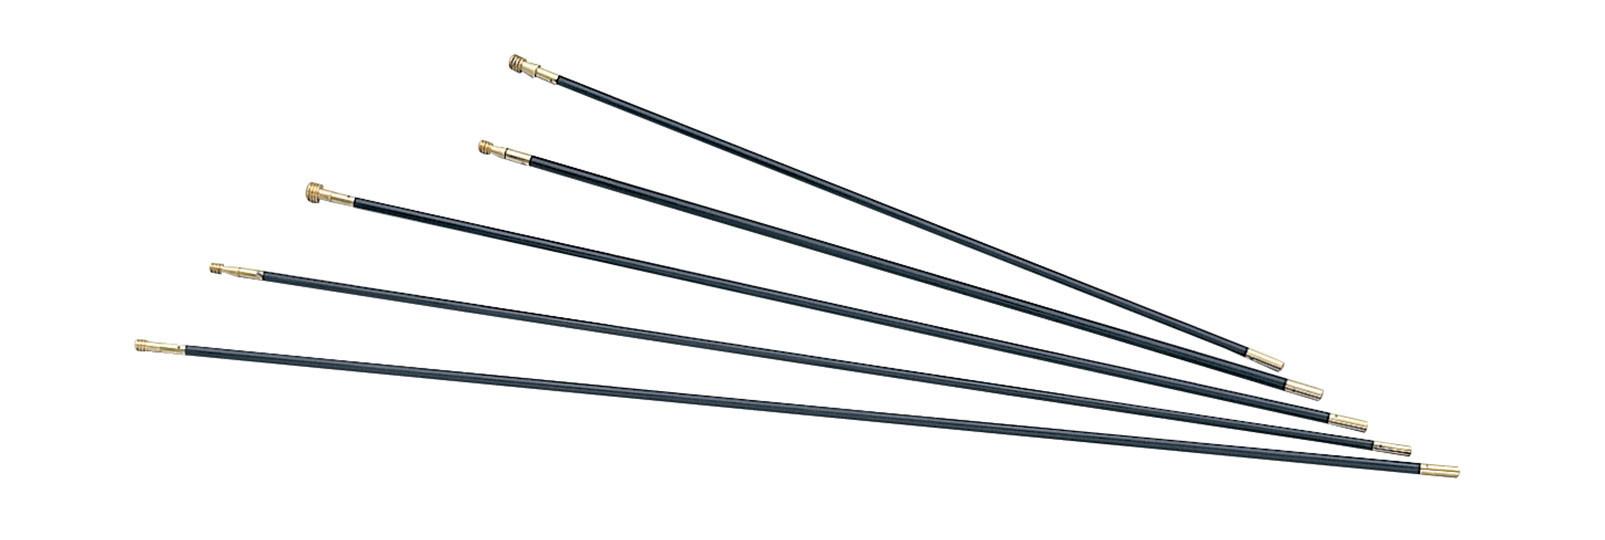 Fiber rod 9x640mm